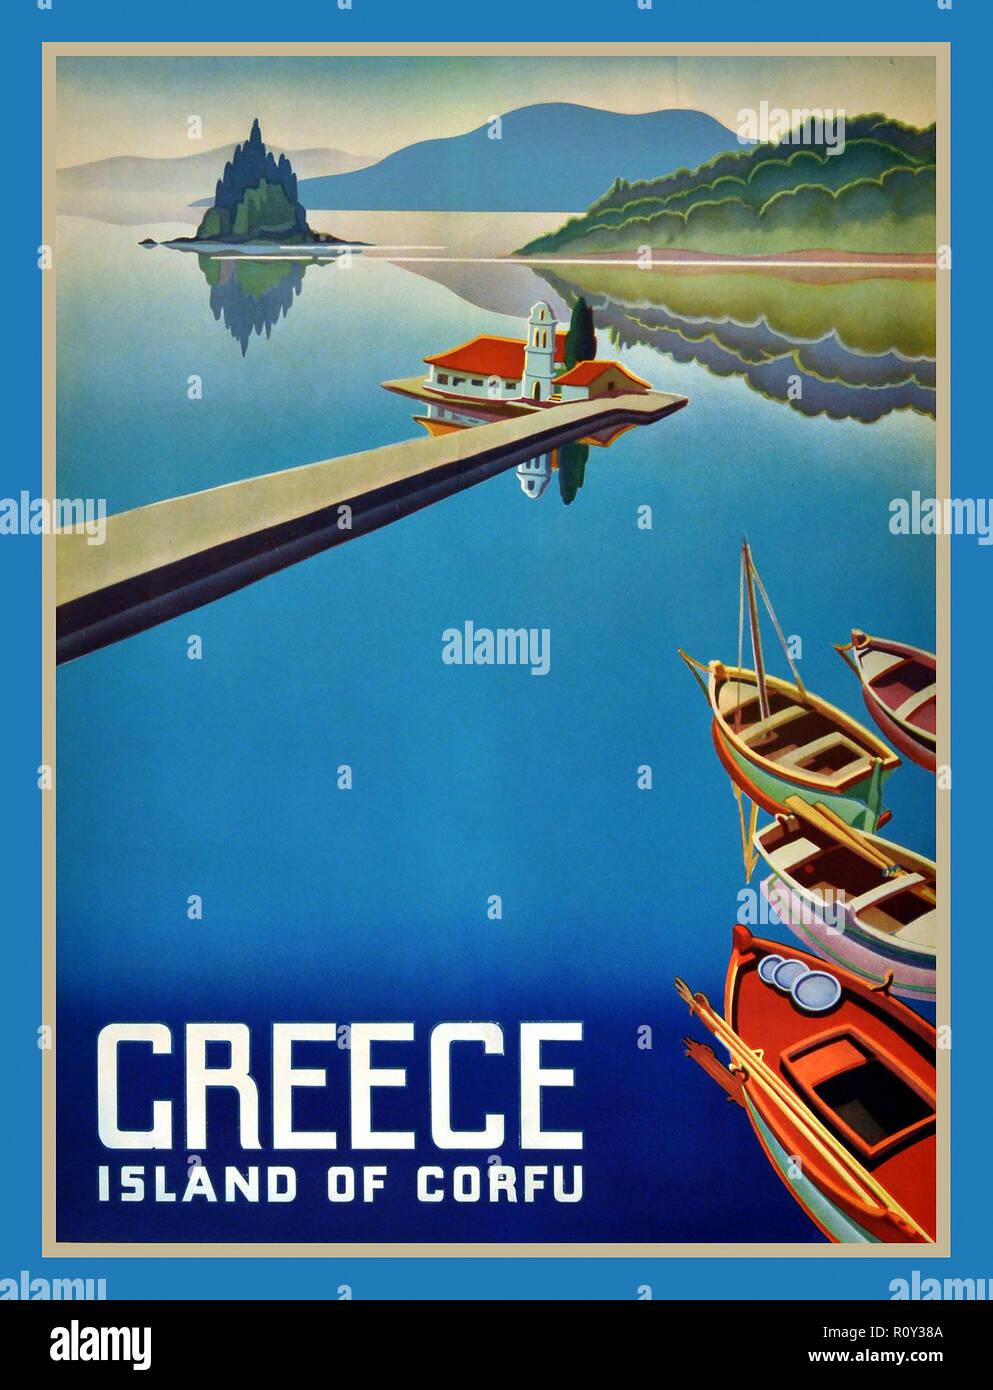 CORFU GRÈCE Vintage Retro 1950 TravelVacation affiche de scène bucolique île grecque de Corfou Grèce Photo Stock